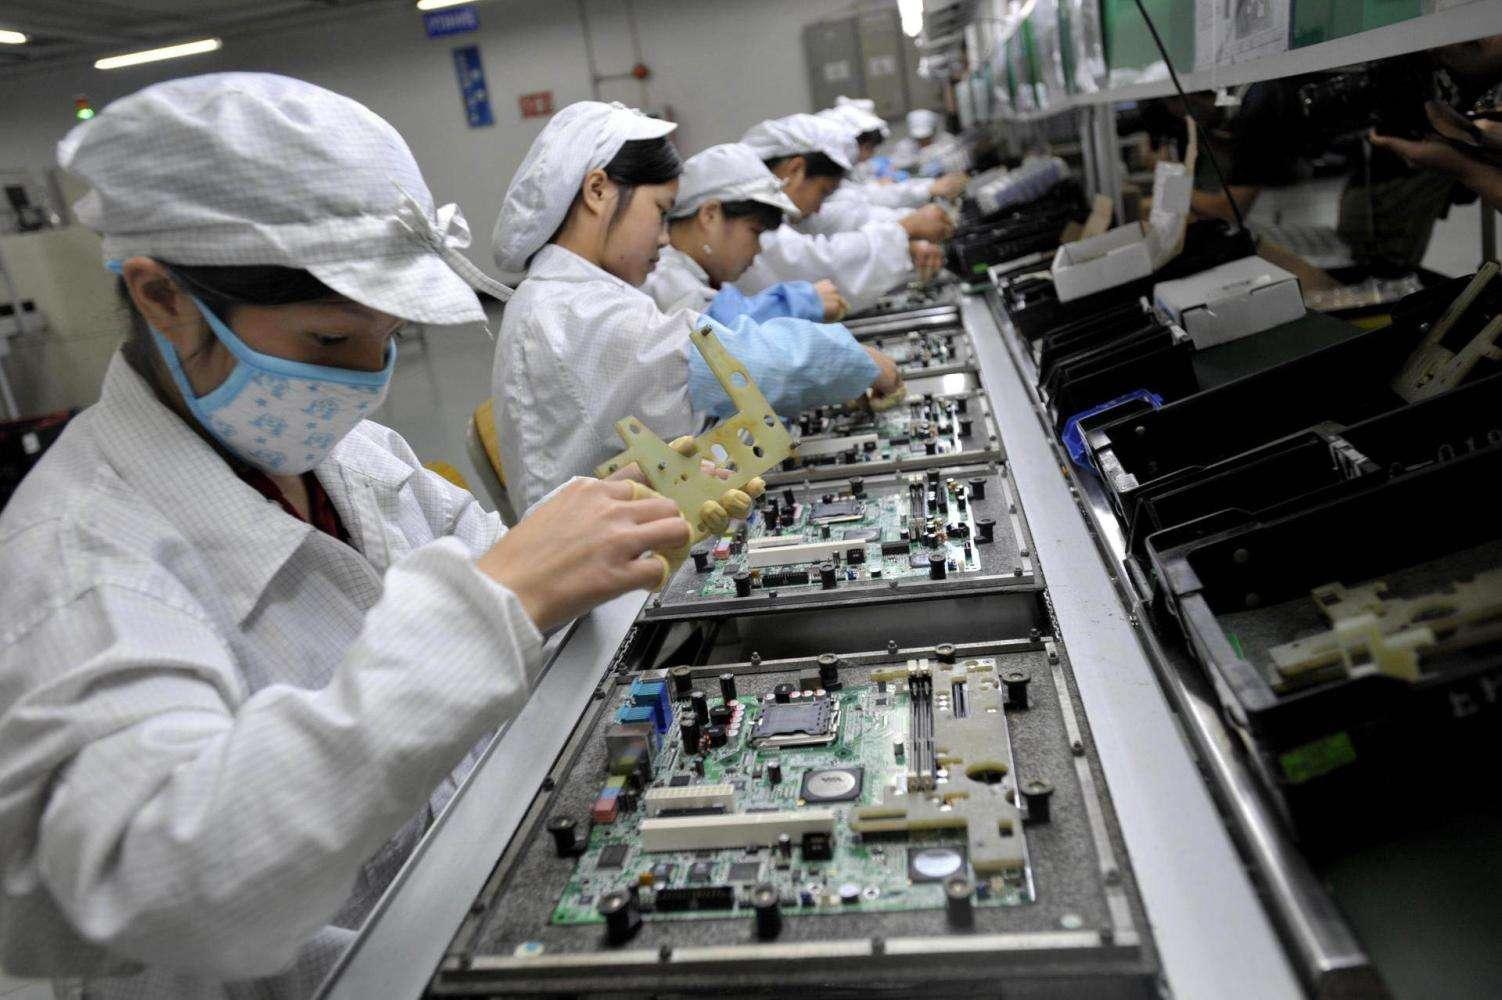 对越南新增投资18亿?把30%的生产线转移?富士康真要跑了?